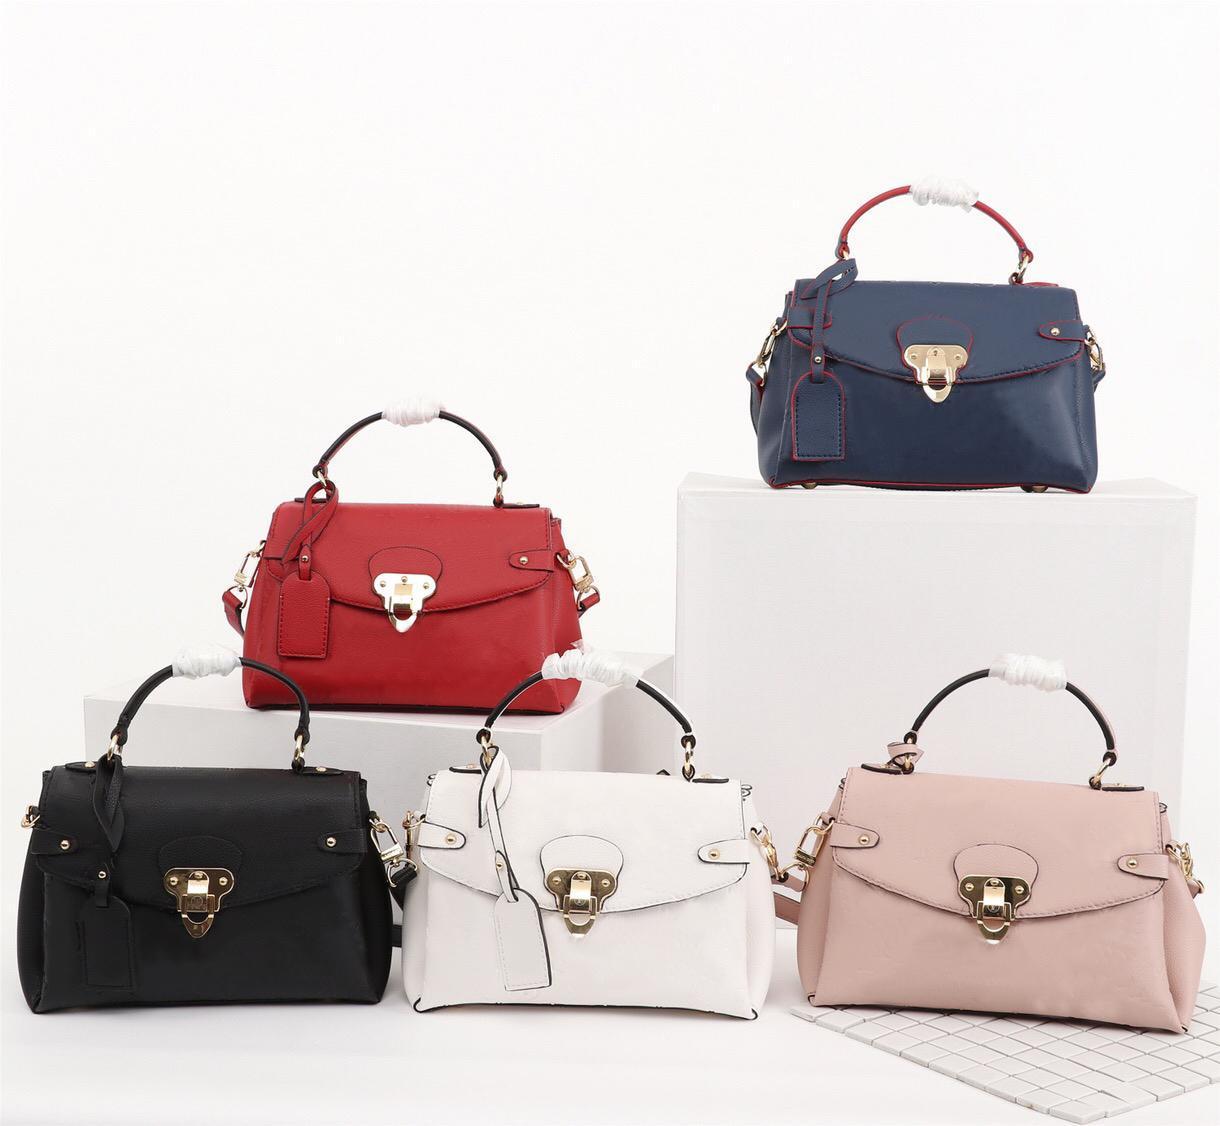 Hohe Qualität Modedesigner Luxus Handtaschen Geldbörsen Mittelalterliche Kleine Handtasche Frauen Marke Klassische Art Echtes Leder Umhängetaschen # LP998